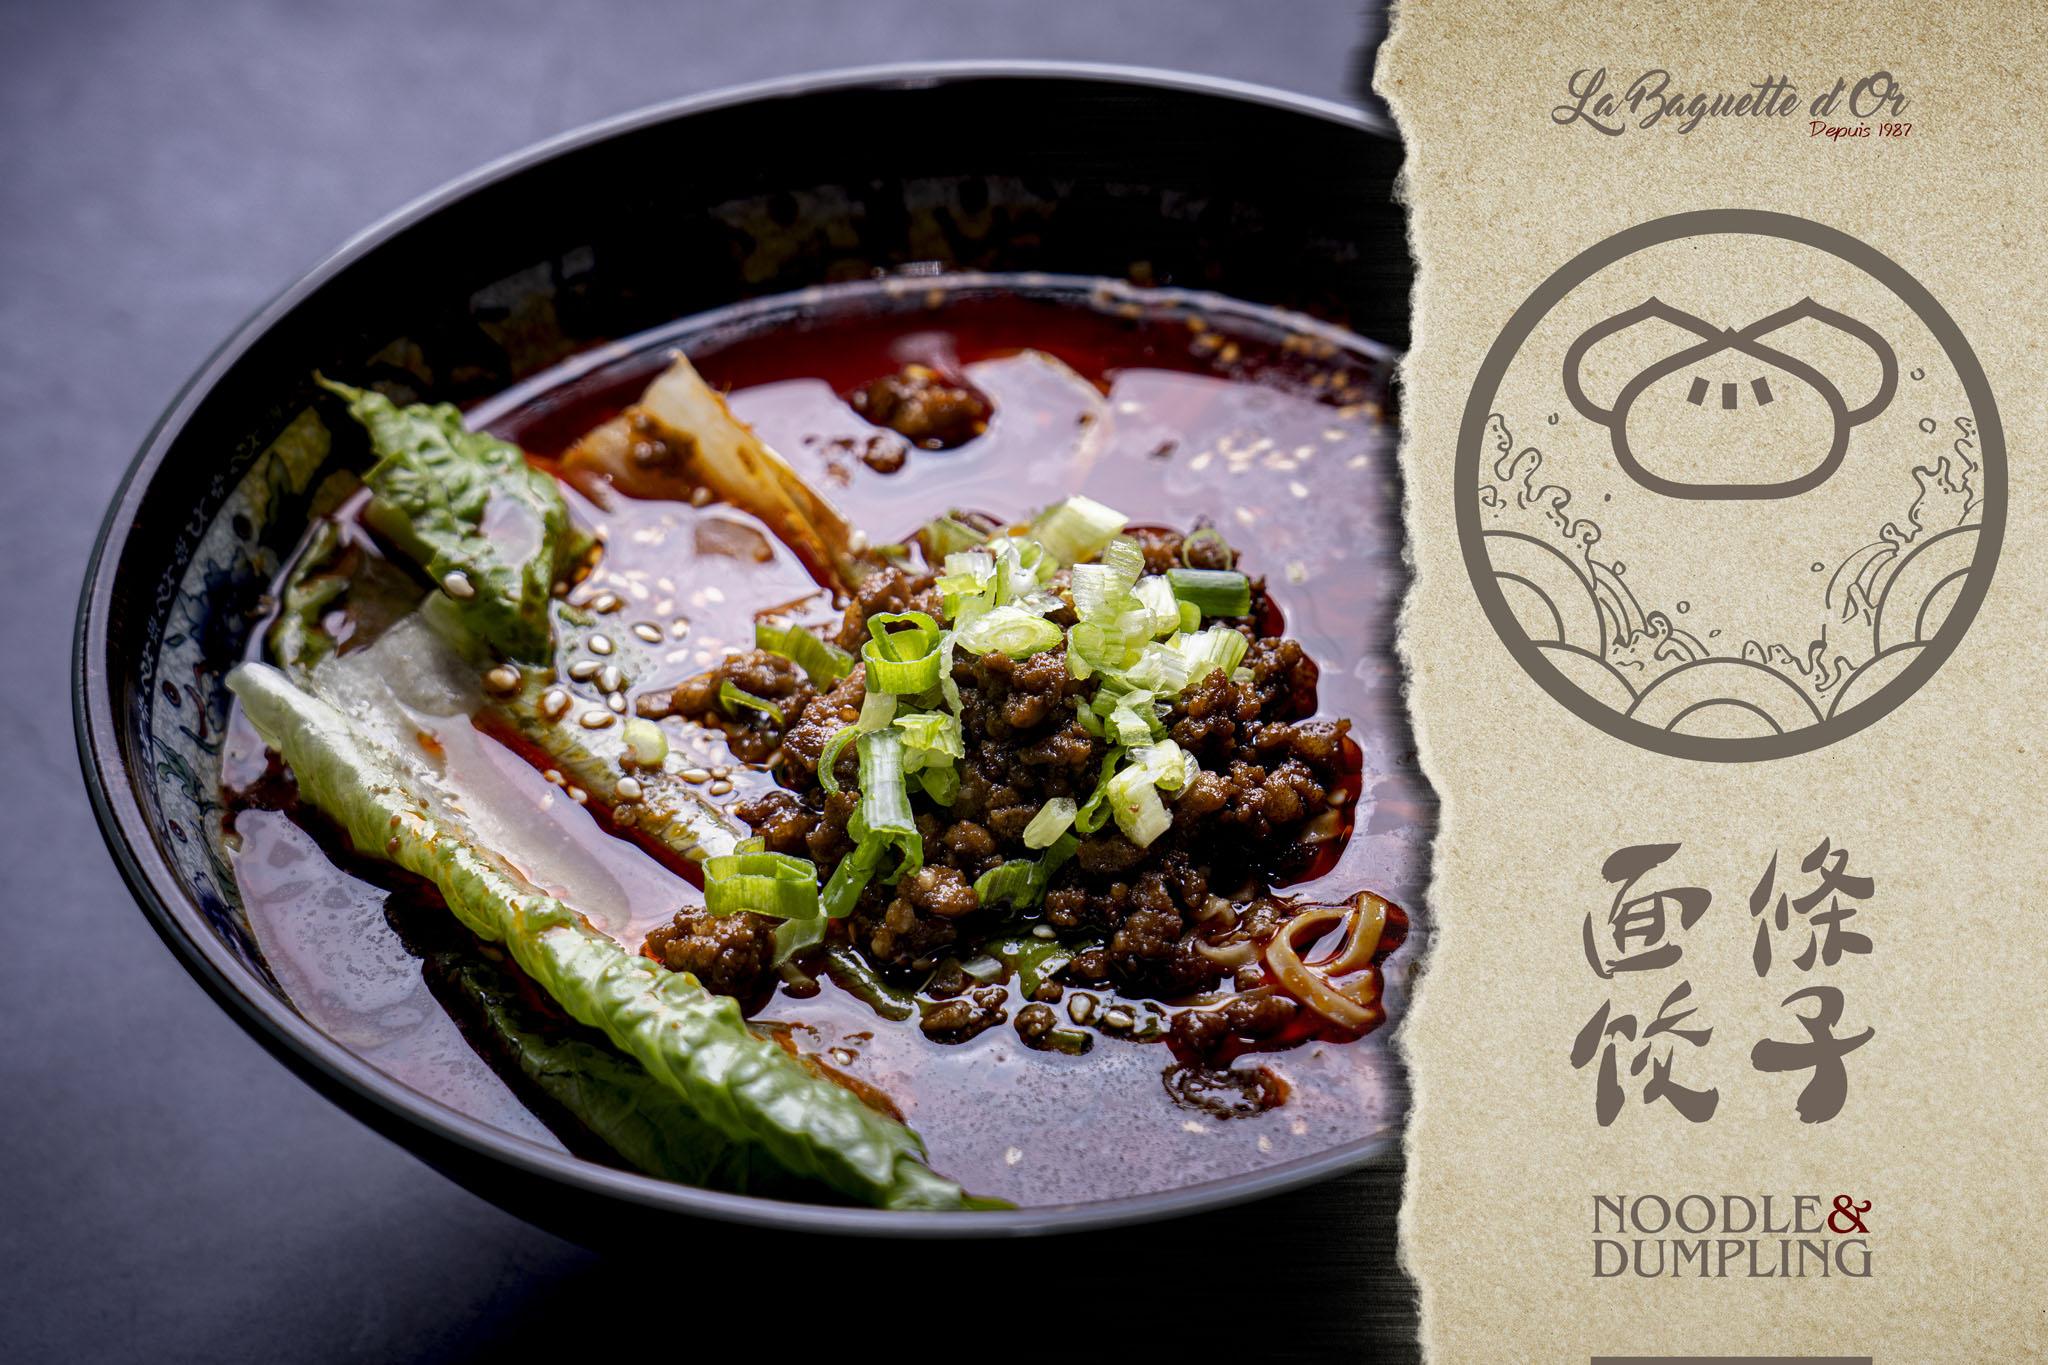 重庆小面 | Nouille de Chong Qin sauce piment porc haché